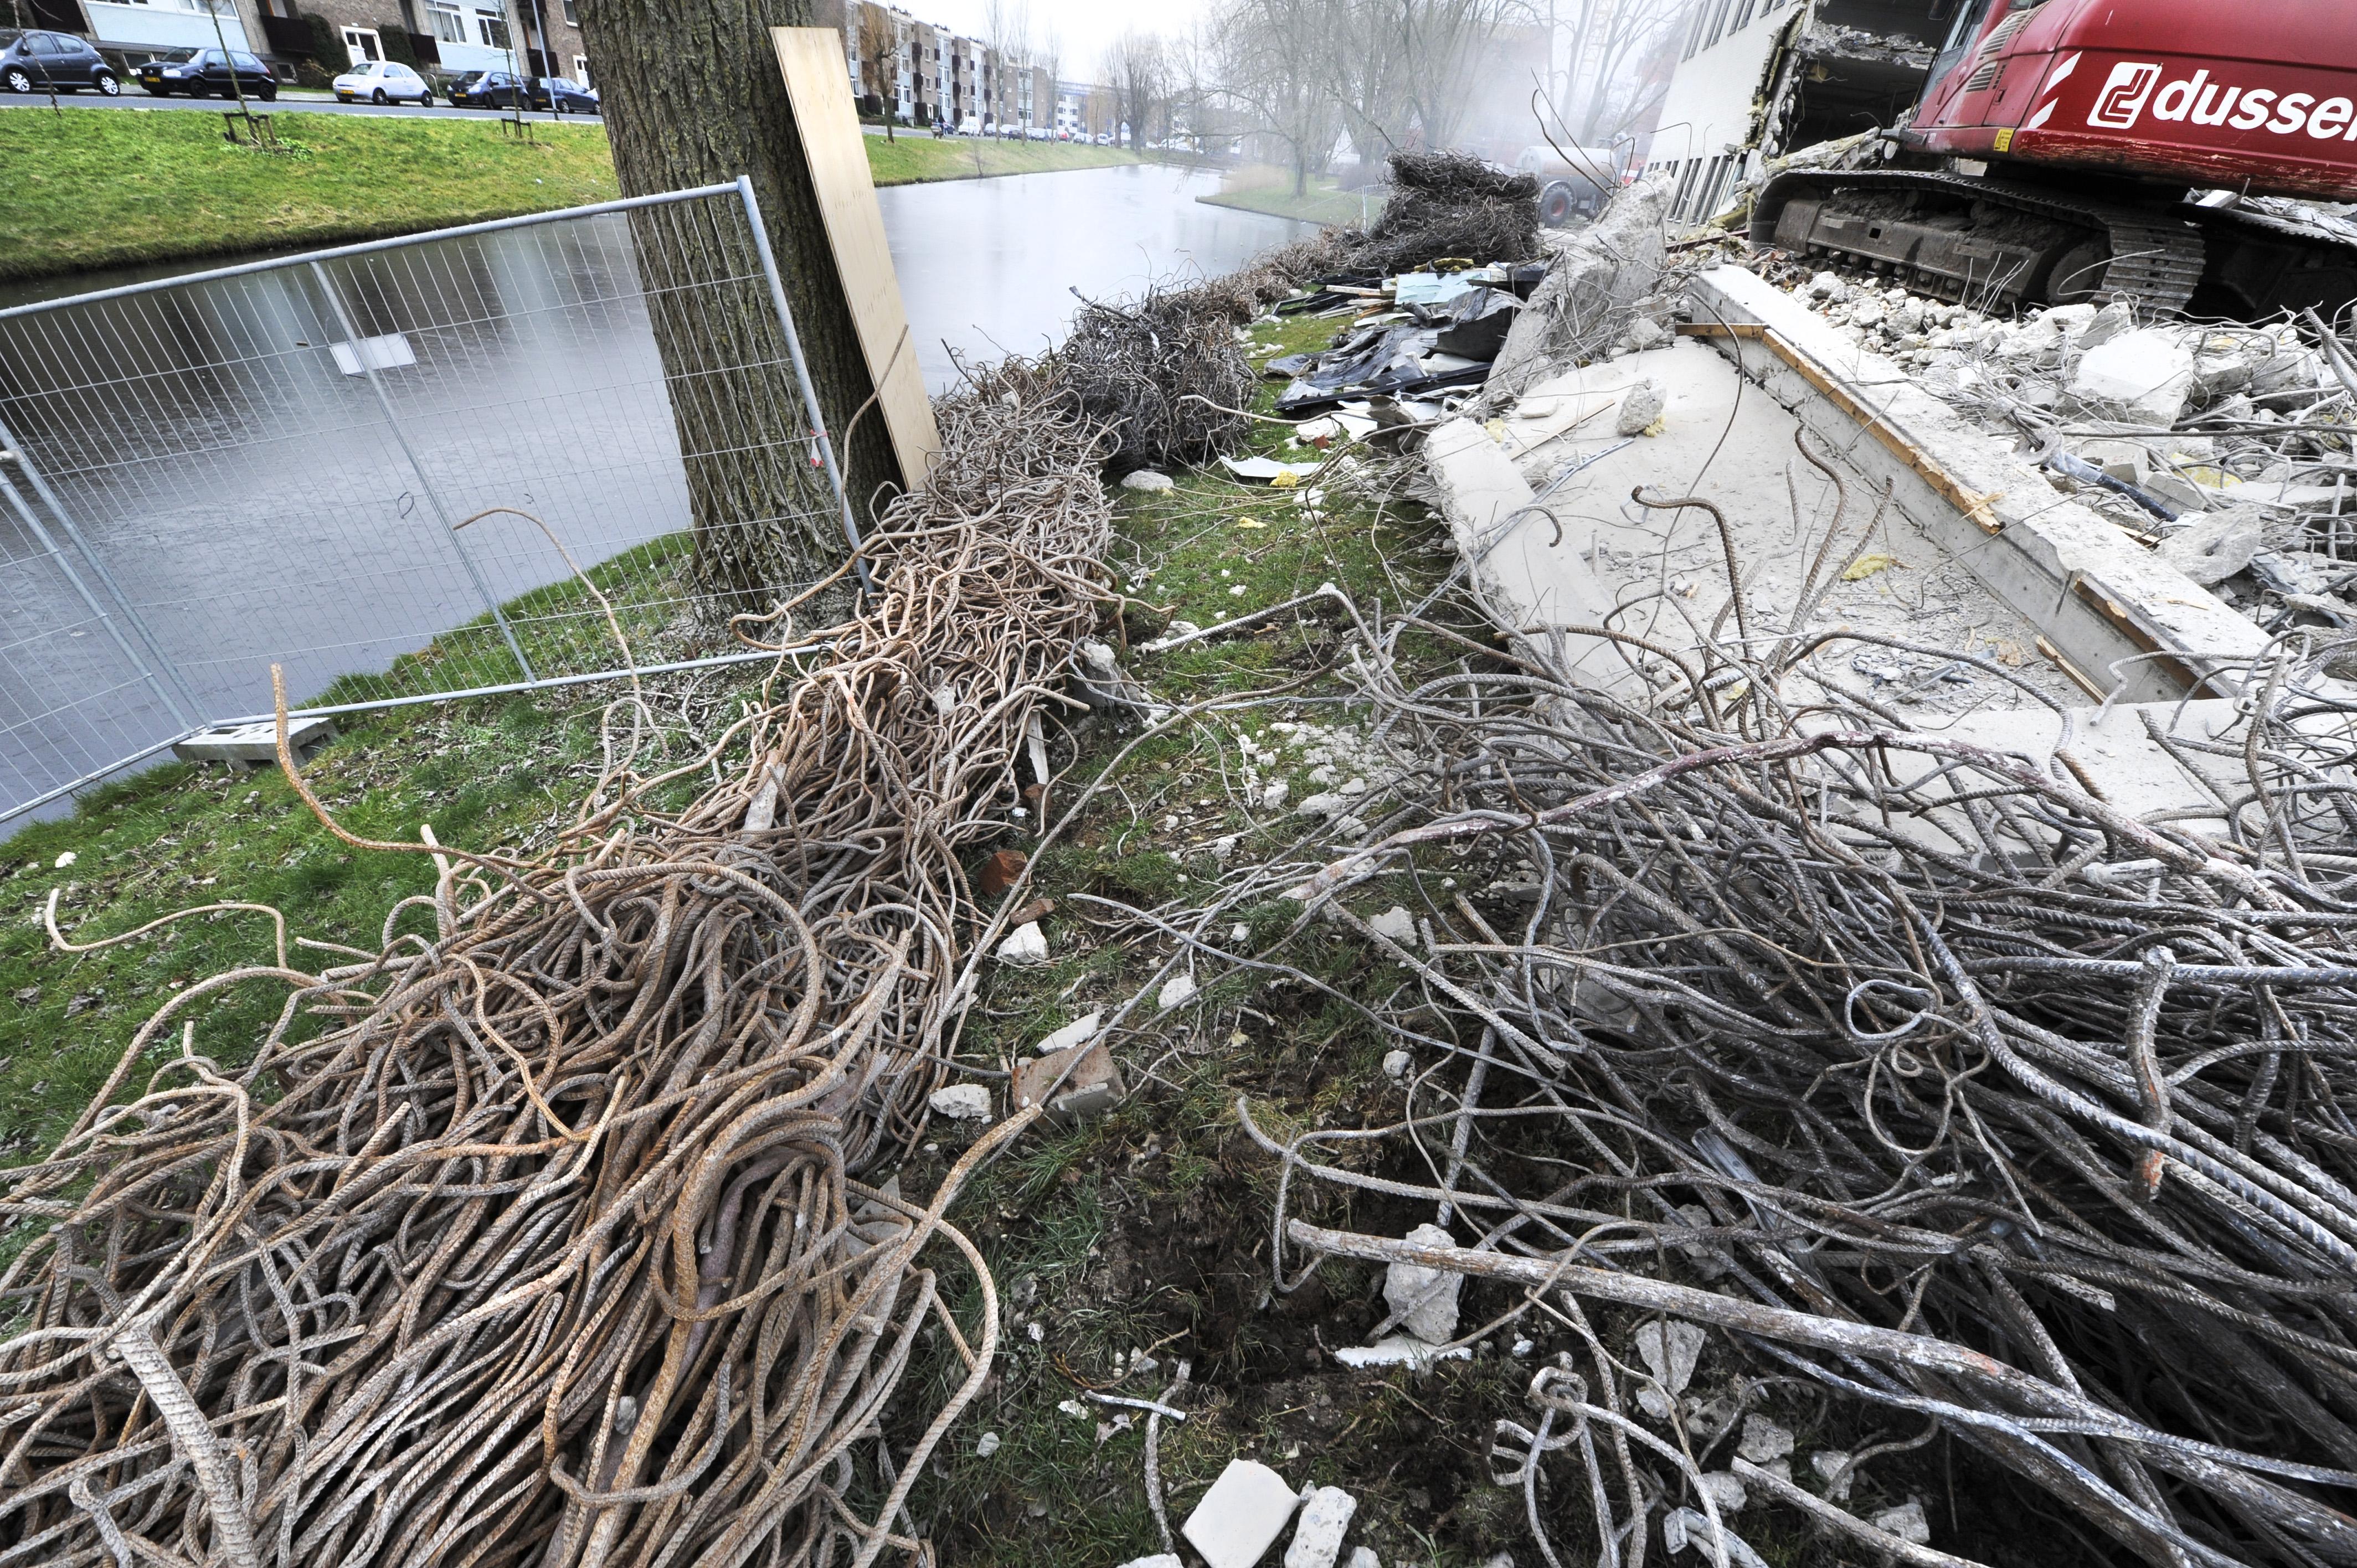 <p>Om te voorkomen dat puin in de aangrenzende vijver beland zijn dikke bossen ijzer, afkomstig uit het kantoorcomplex, als een barrière langs de rand van het water gelegd.</p>